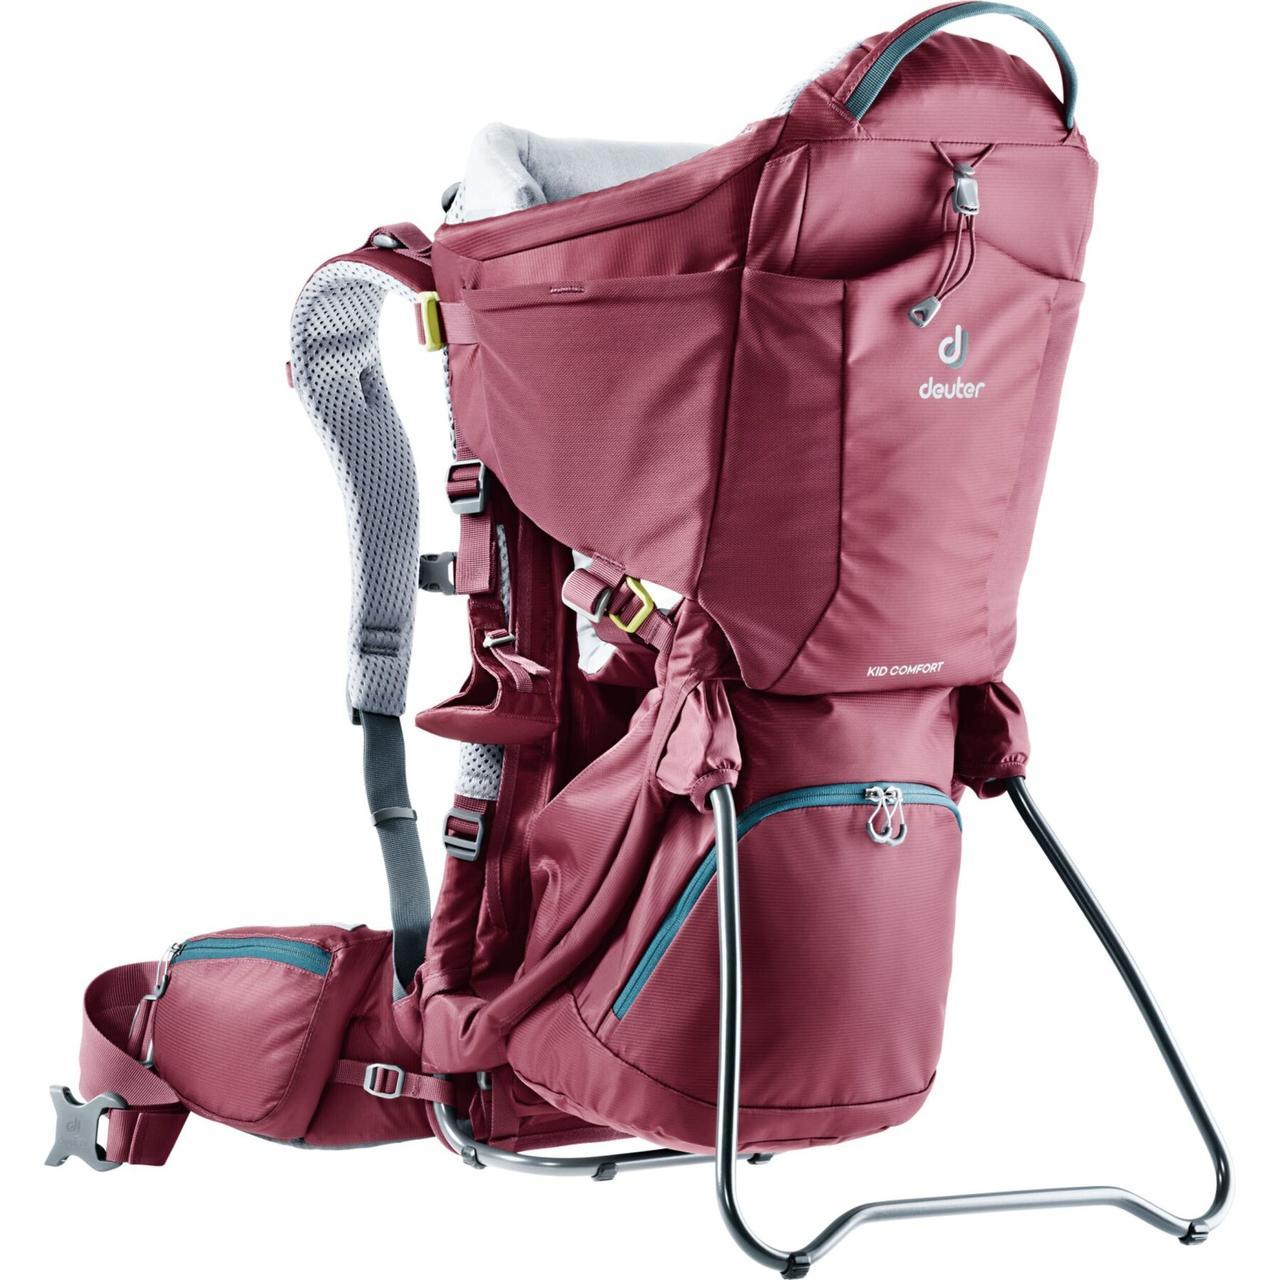 Рюкзак-переноска для детей Deuter Kid Comfort maron (3620219 5026)